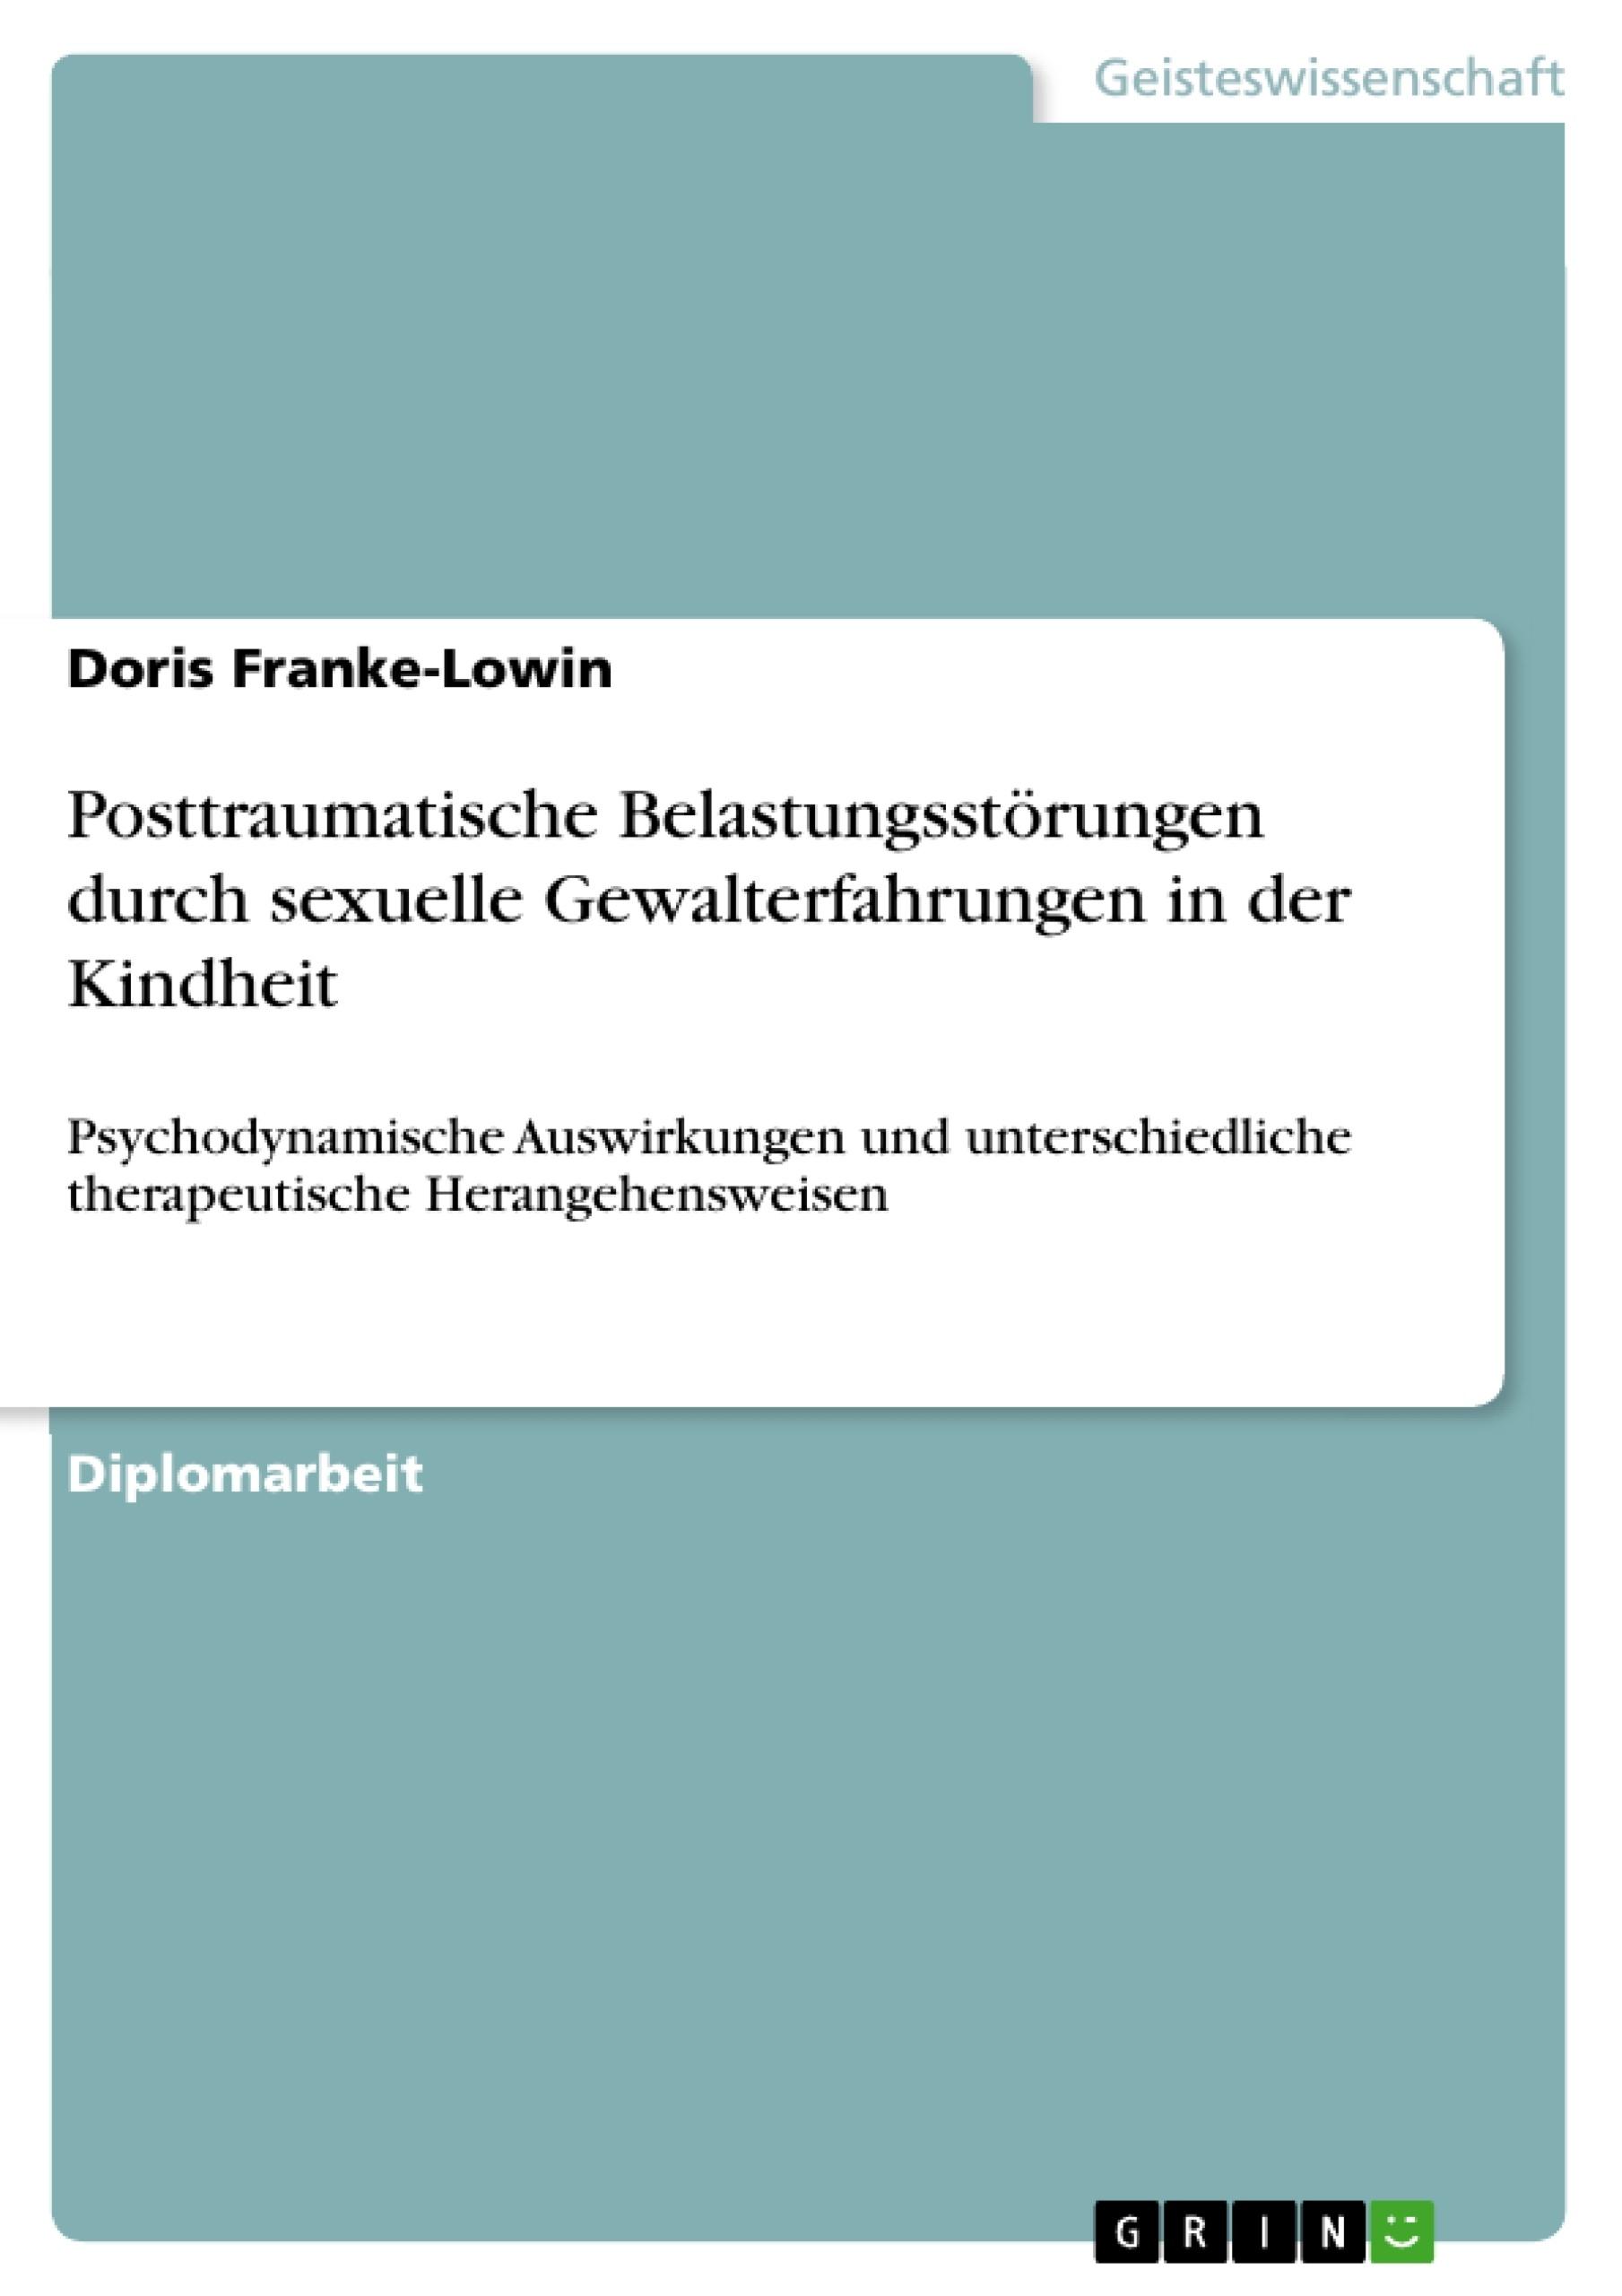 Titel: Posttraumatische Belastungsstörungen durch sexuelle Gewalterfahrungen in der Kindheit